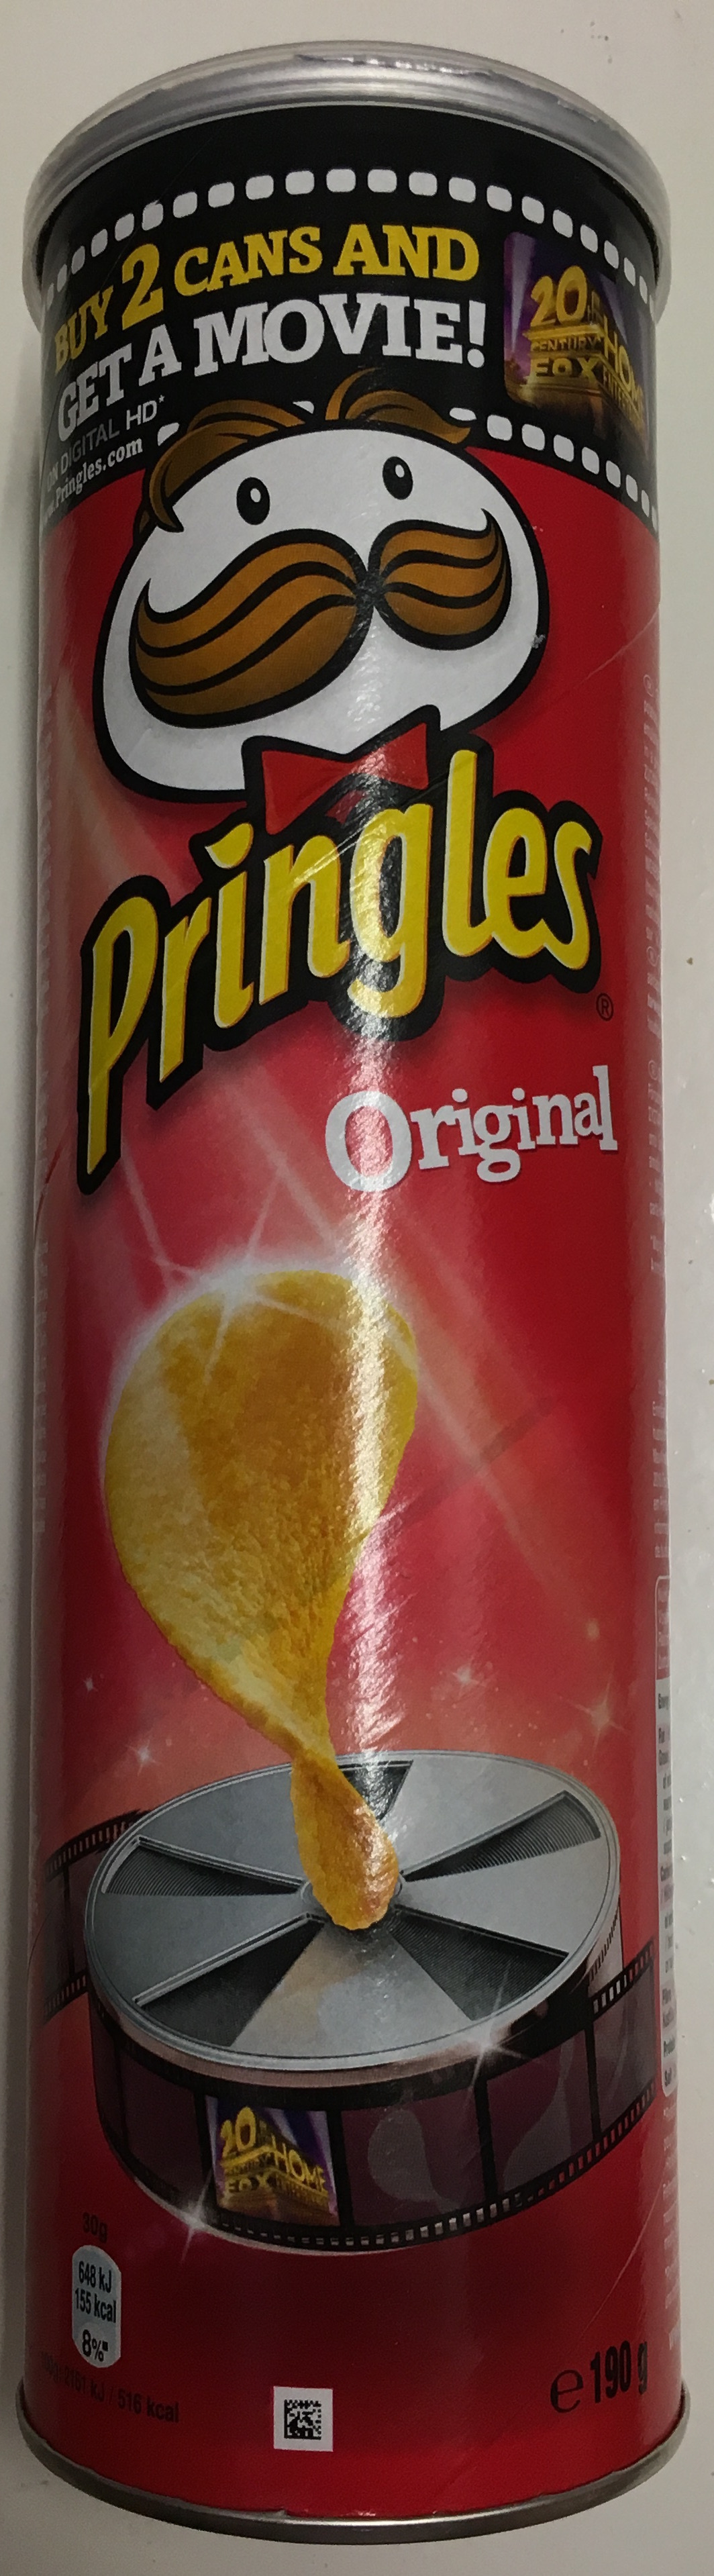 Pringles Original - Prodotto